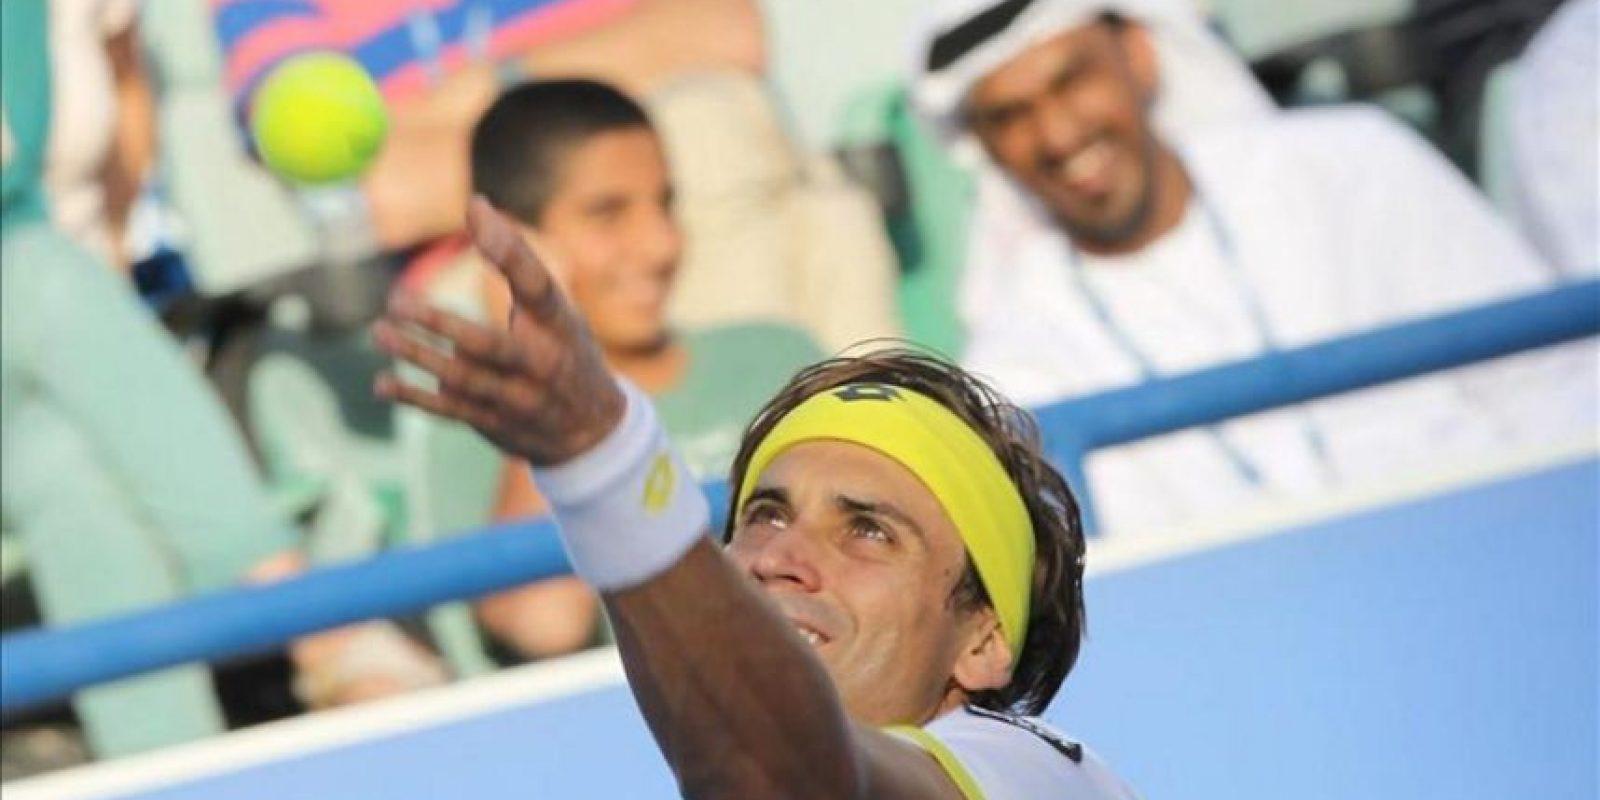 El tenista español David Ferrer sirve una bola al serbio Janko Tipsarevic, durante el partido disputado en Abu Dhabi, hoy. EFE